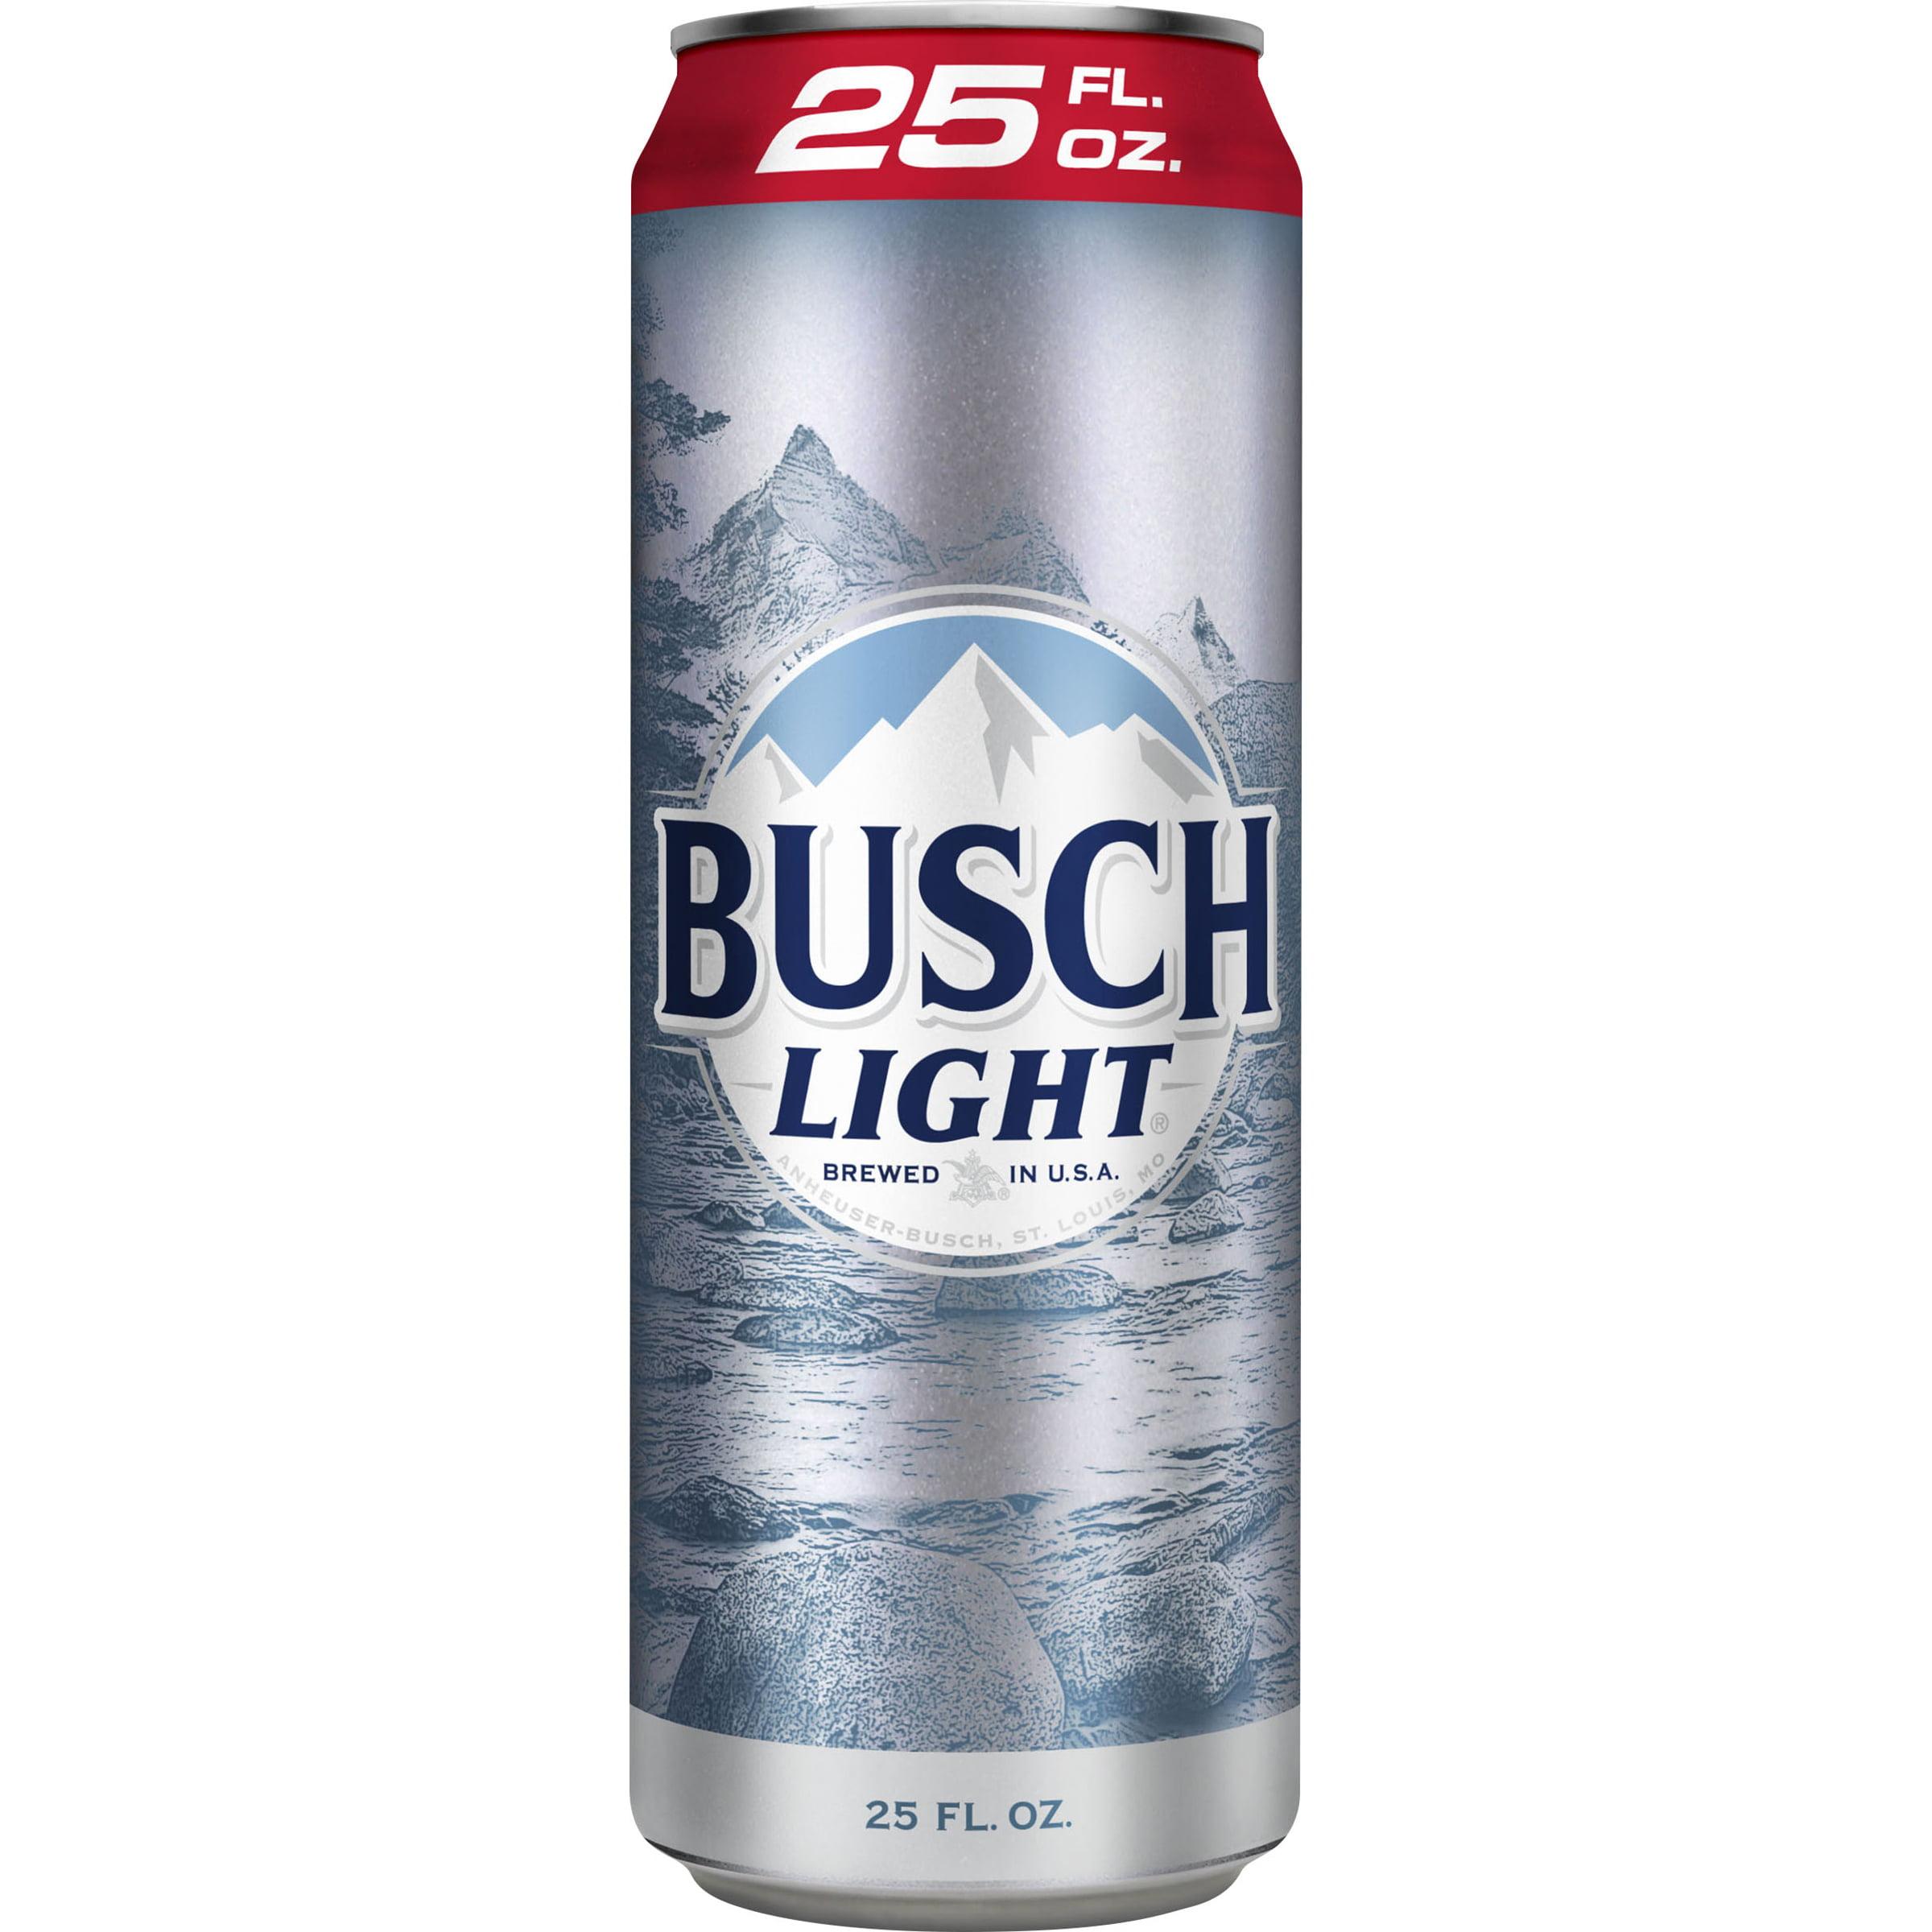 Busch Light® Beer, 25 fl. oz. Can